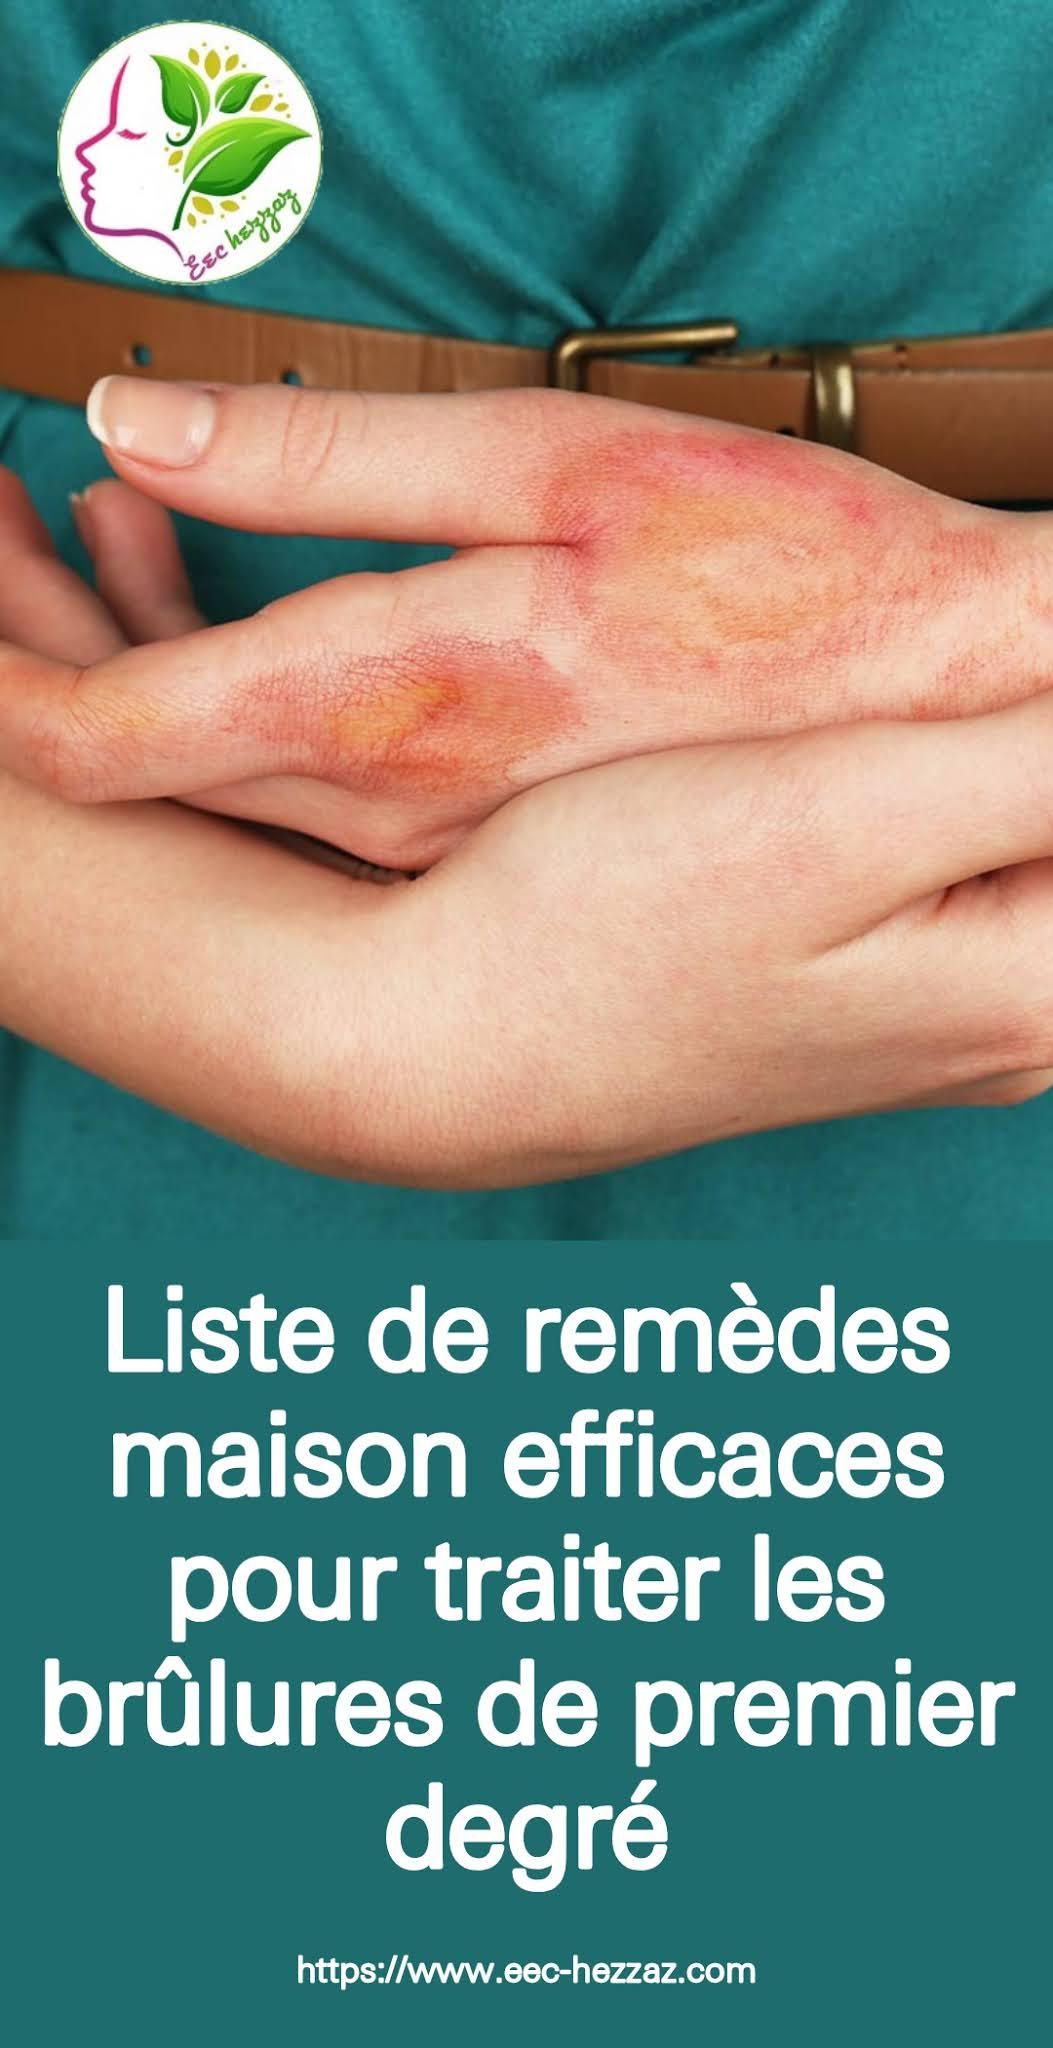 List of effectiveListe de remèdes maison efficaces pour traiter les brûlures de premier degré